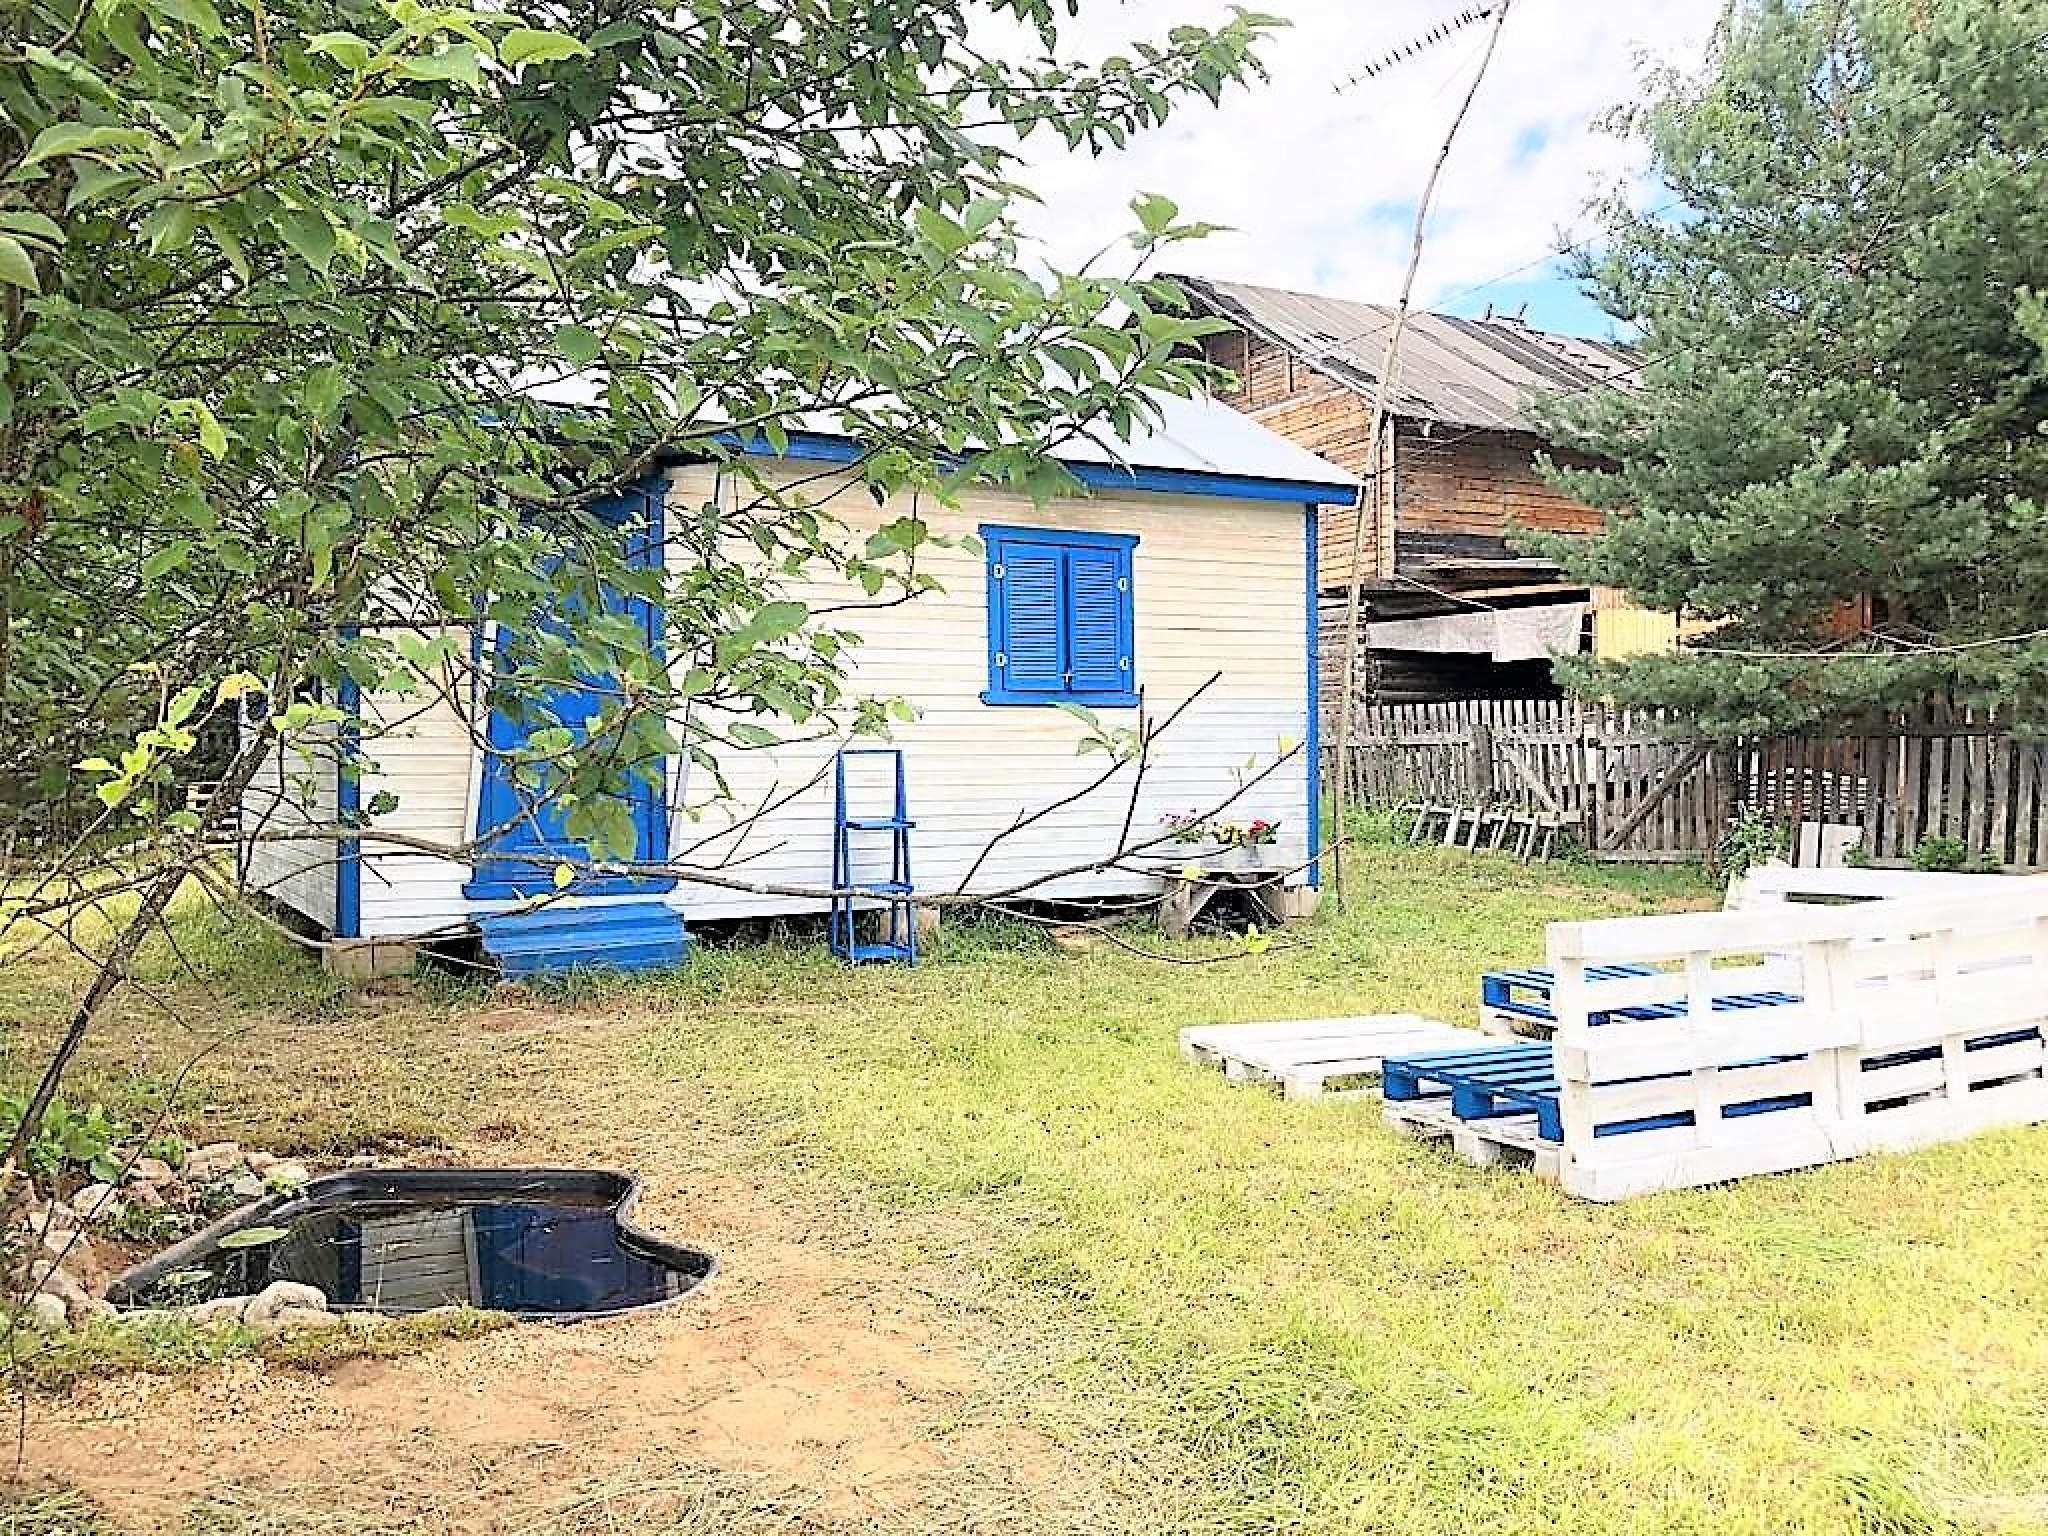 Участок на продажу по адресу Россия, Тверская обл, деревня Никола Рожок